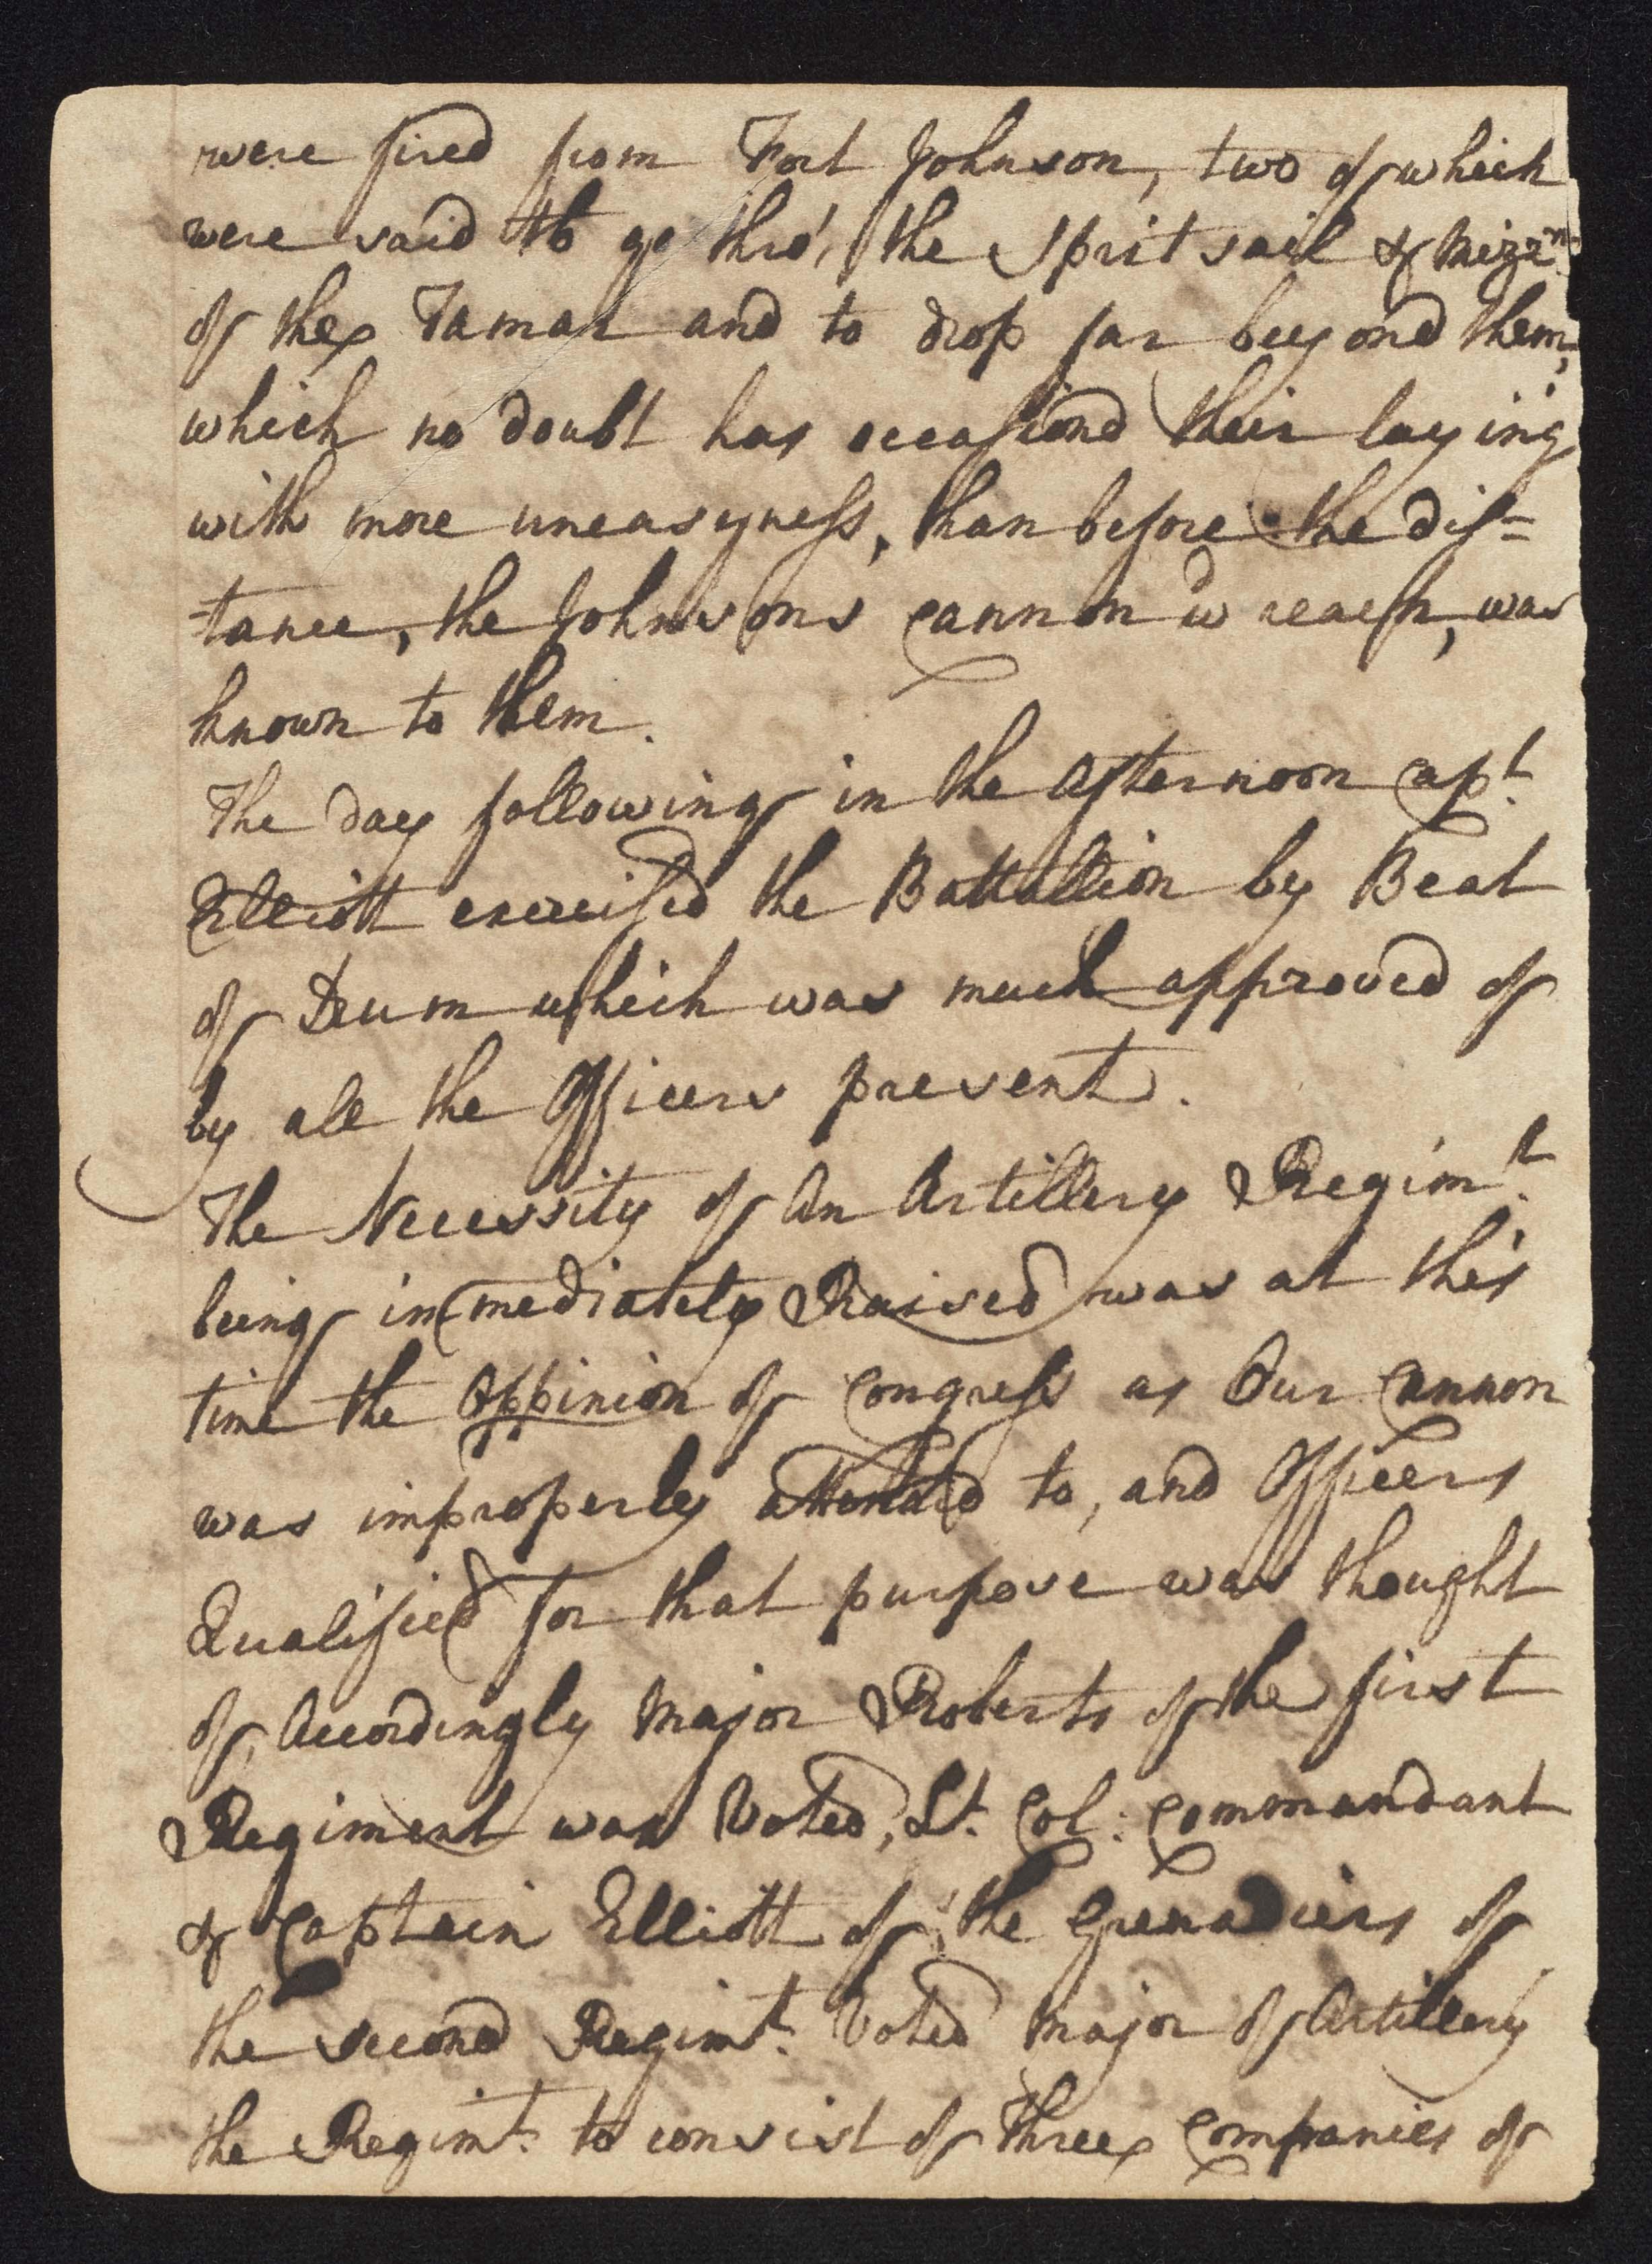 South Carolina Regiment Order Book, Page 48